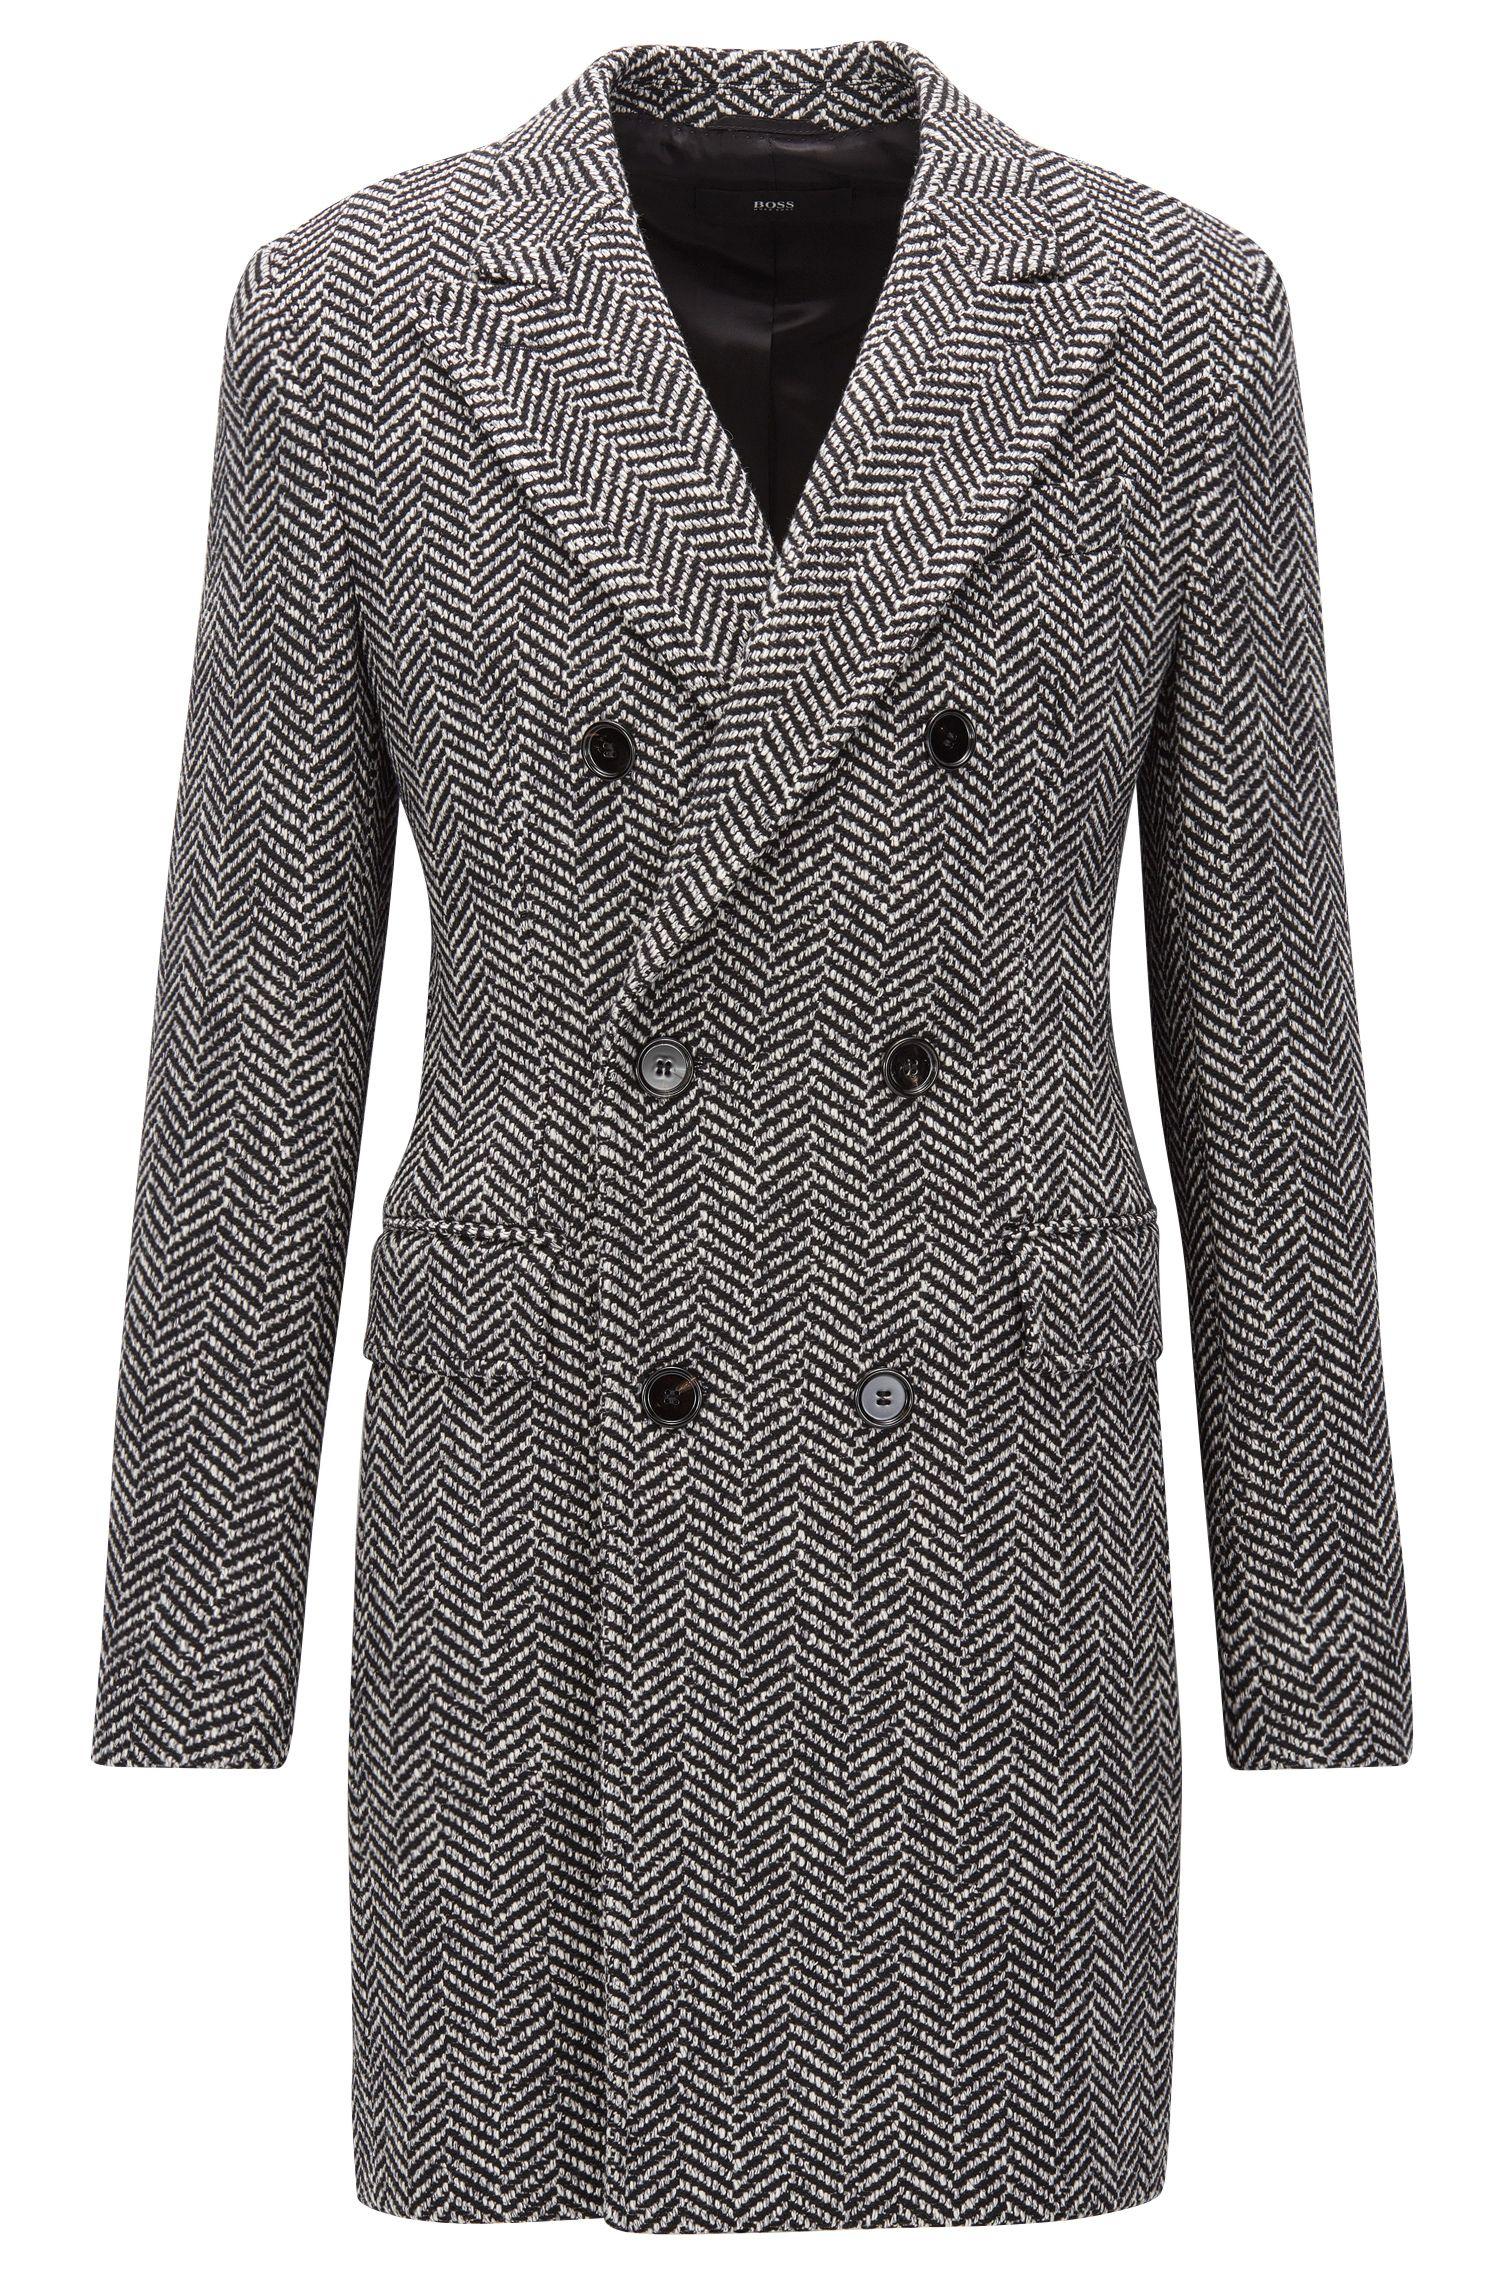 Zweireihiger Slim-Fit Mantel aus Material-Mix mit Fischgrätmuster